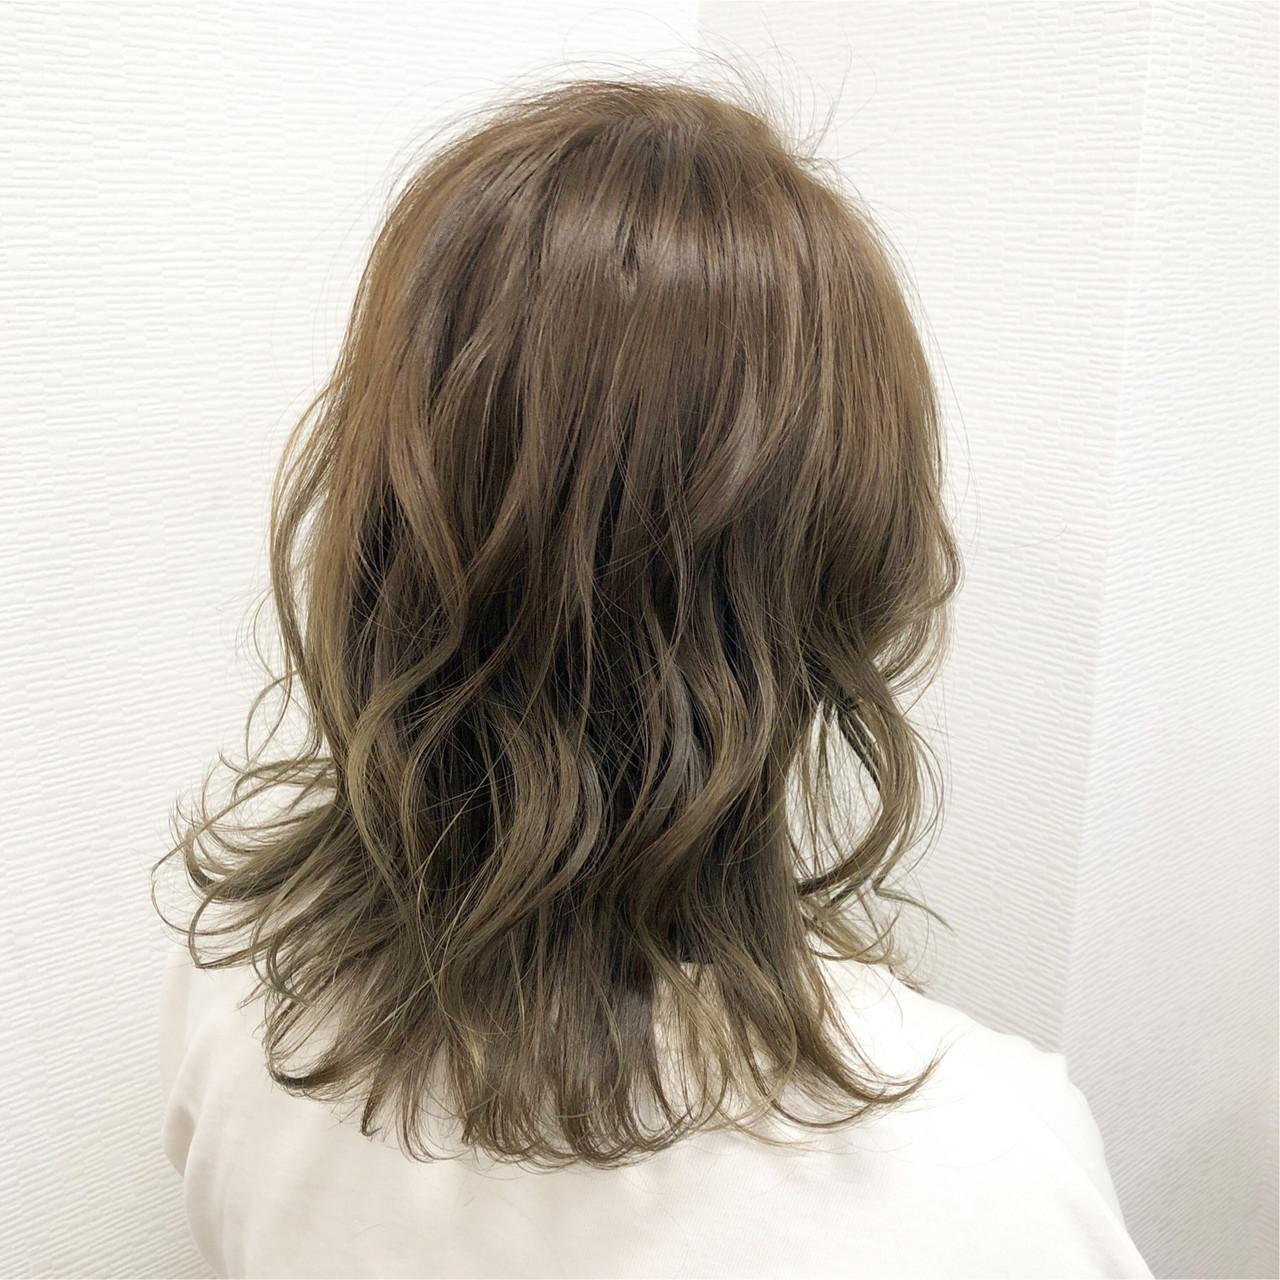 大人かわいい ハイトーンカラー ガーリー 大人ミディアム ヘアスタイルや髪型の写真・画像